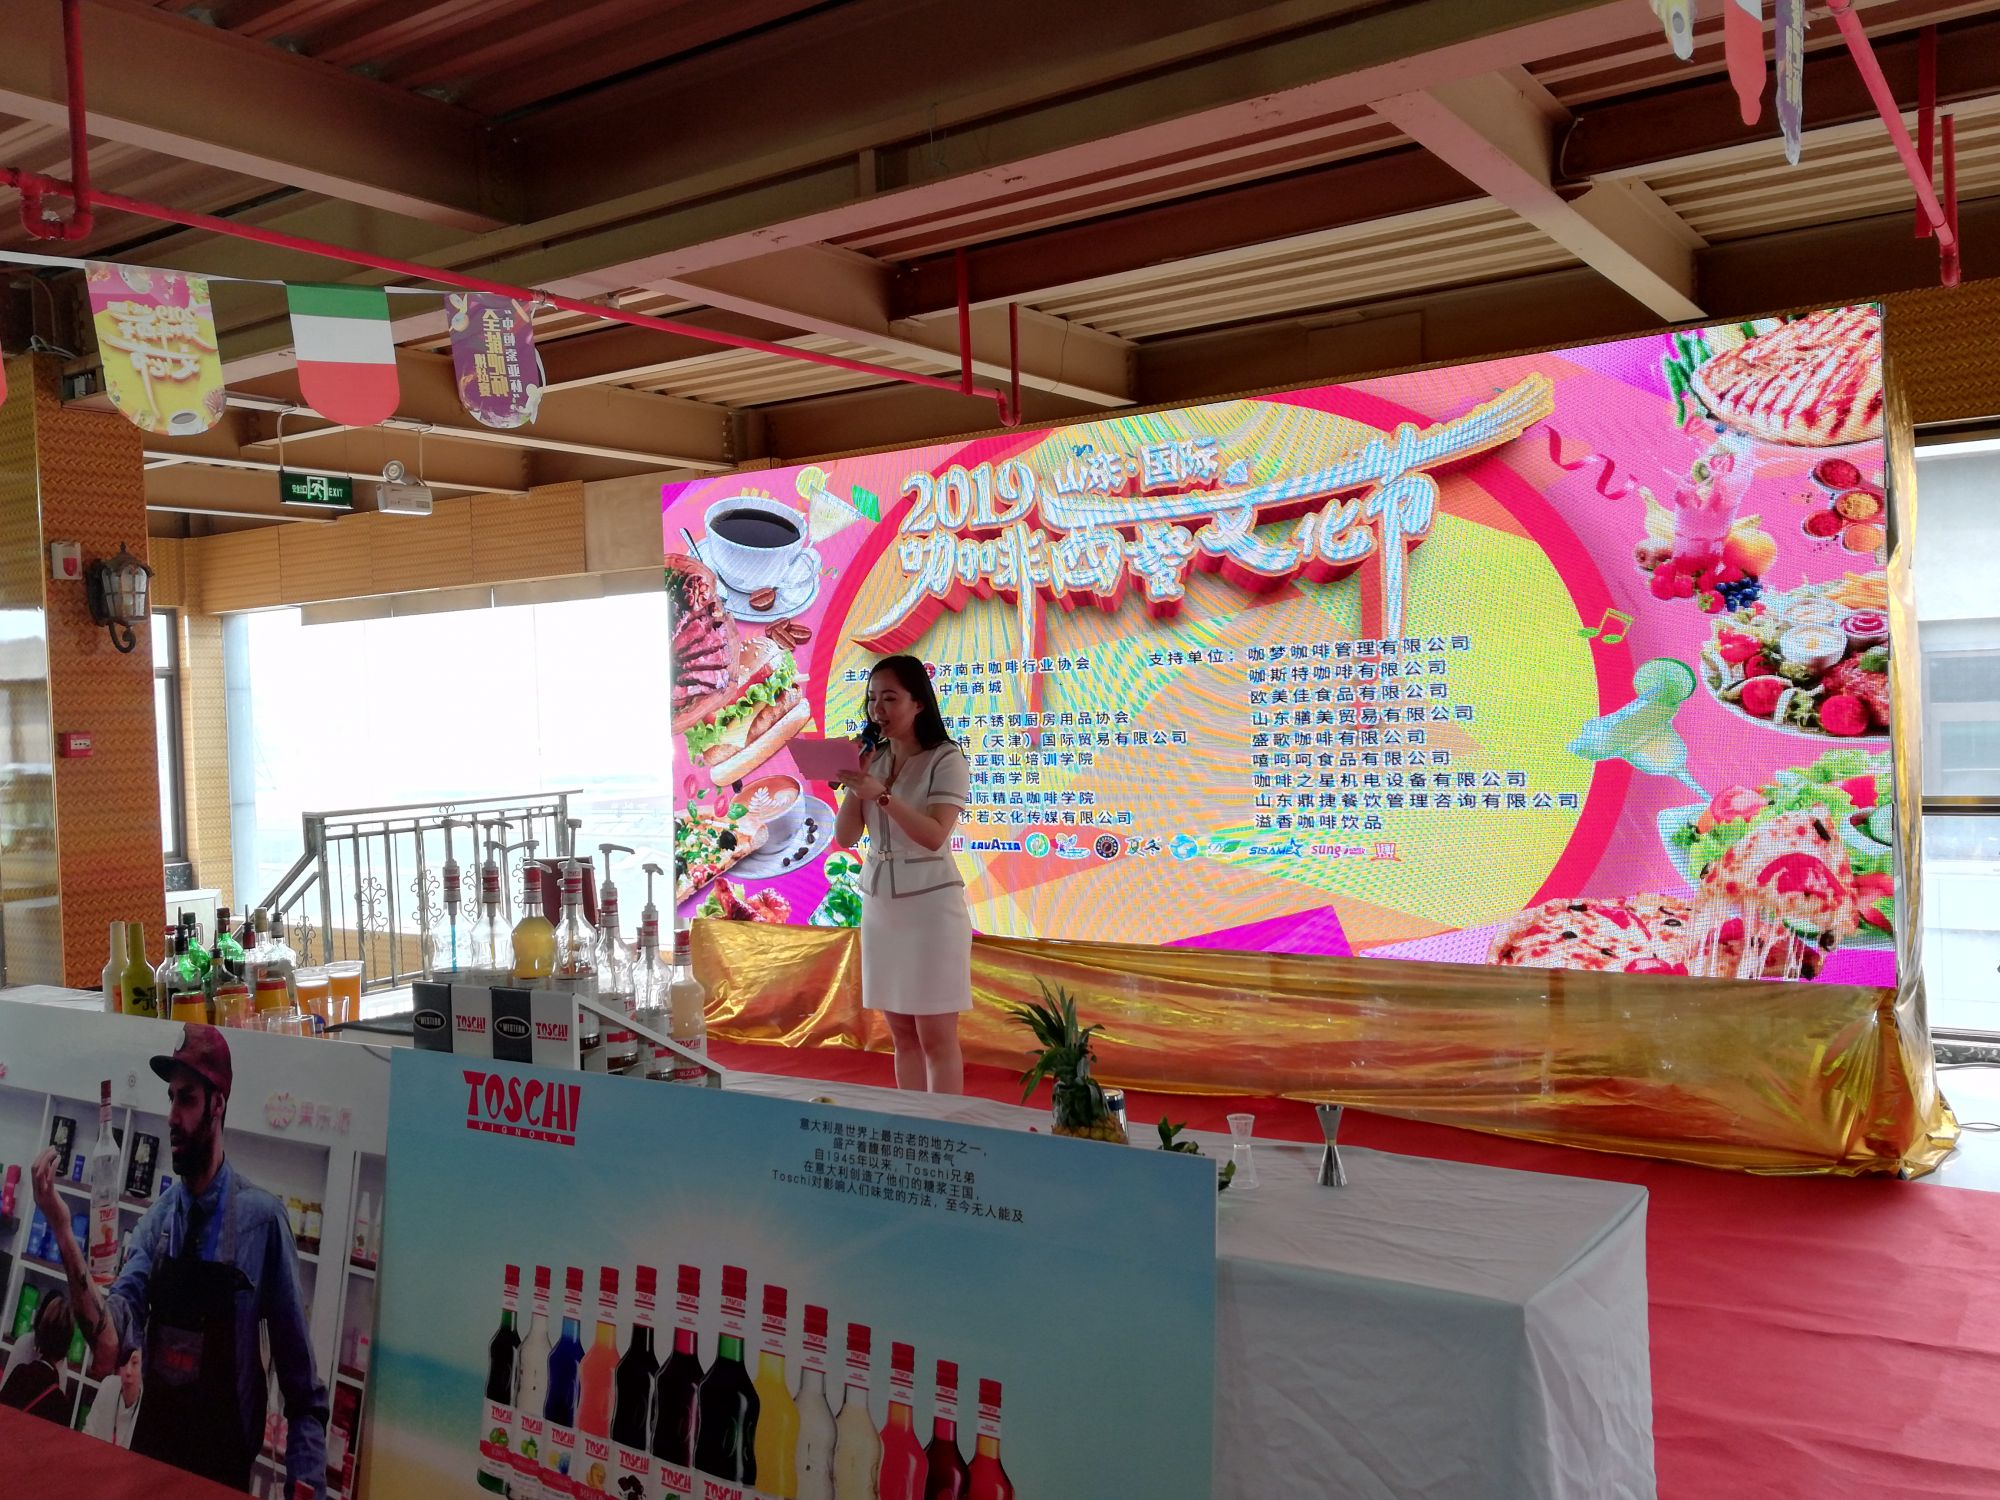 2019山东国际咖啡西餐文化节开幕